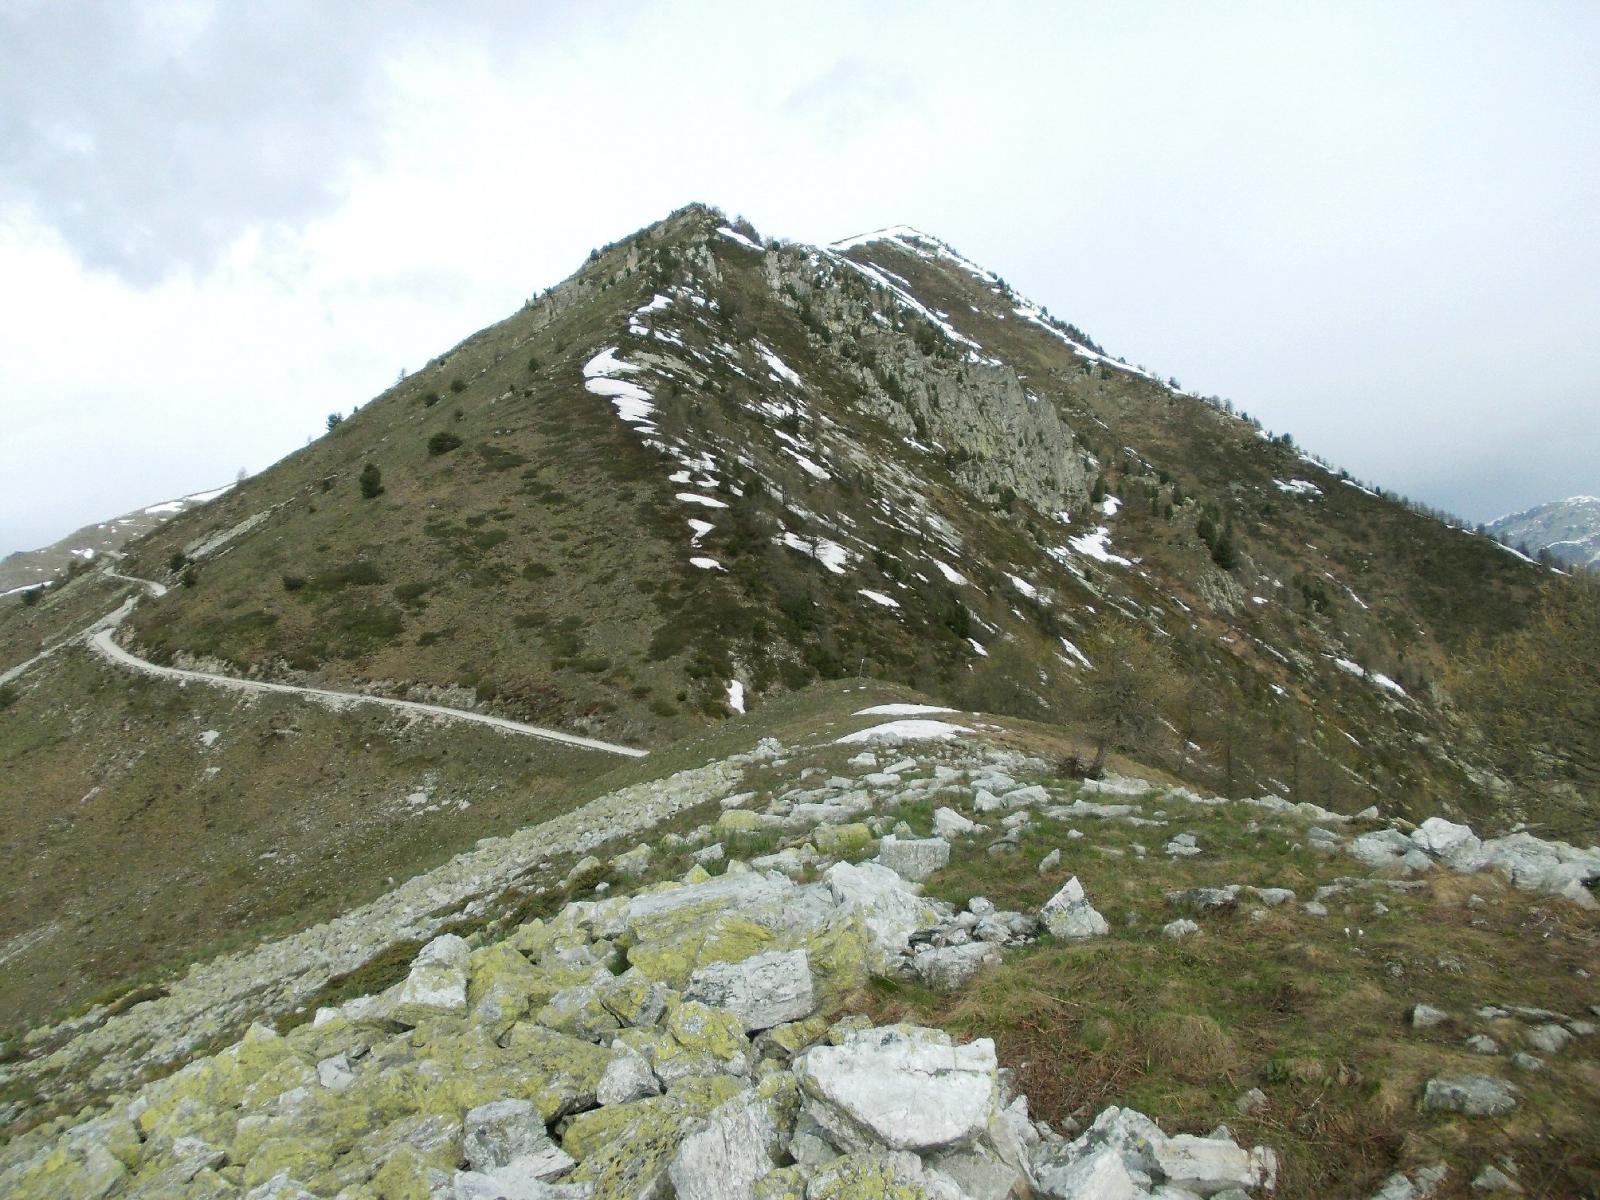 verso il Colle Rusciera